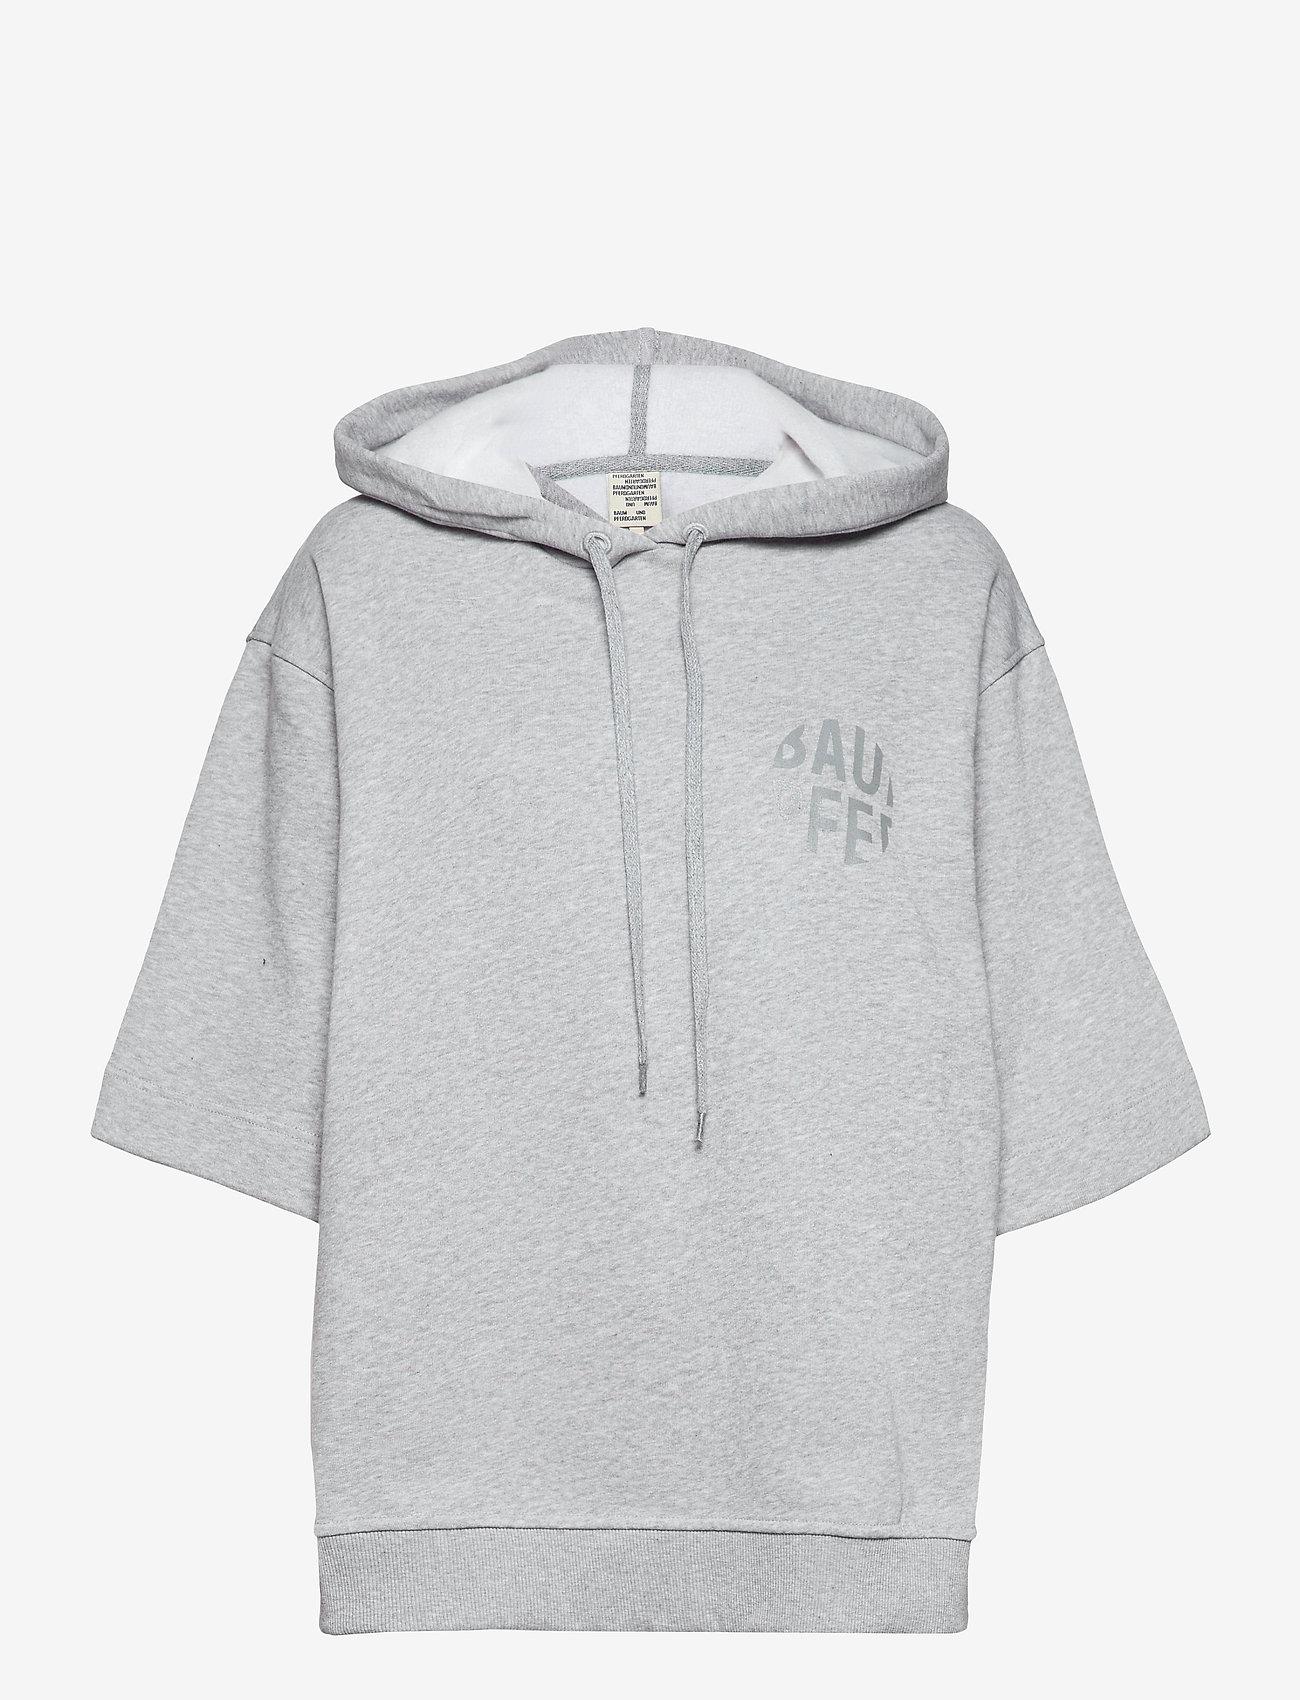 Baum und Pferdgarten - JURA - sweatshirts & hoodies - grey melange - 0